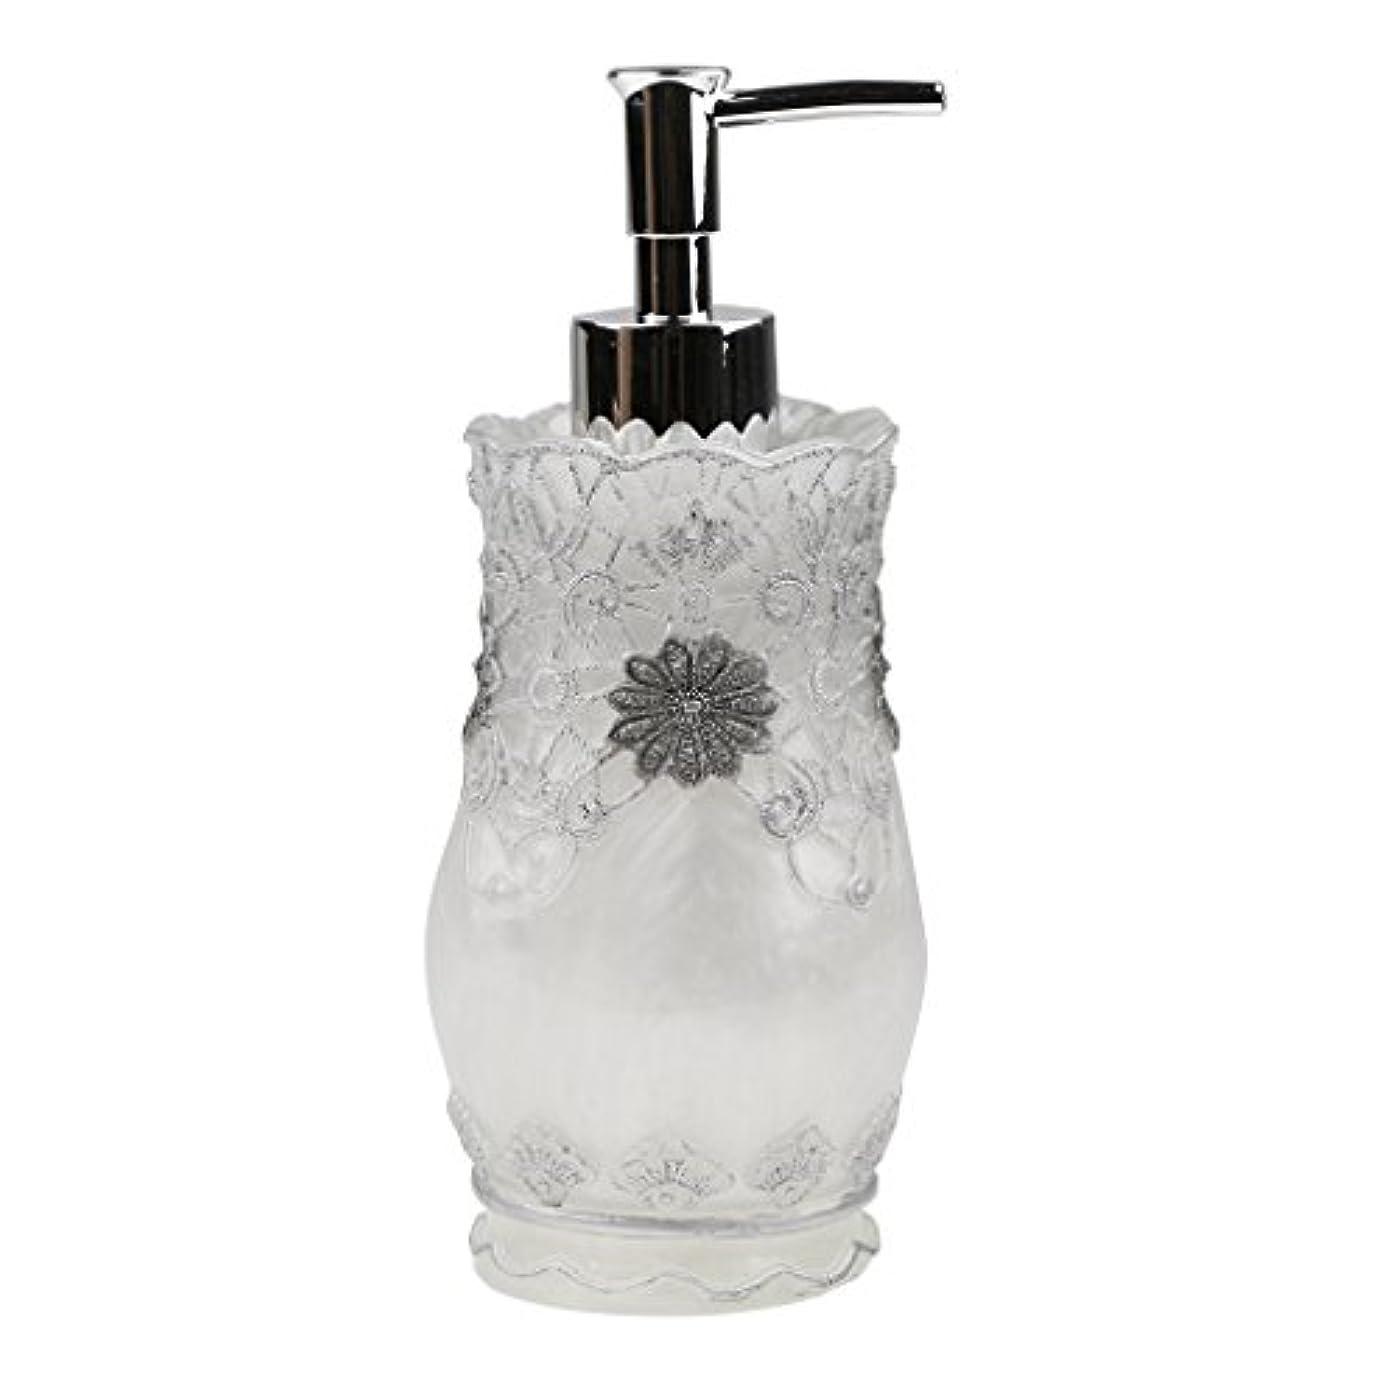 研磨剤細部軽減するHomyl 液体ソープ シャンプー用 空 シャンプー ボトル  詰め替えボトル 美しい エレガント デザイン  全4種類 - #2